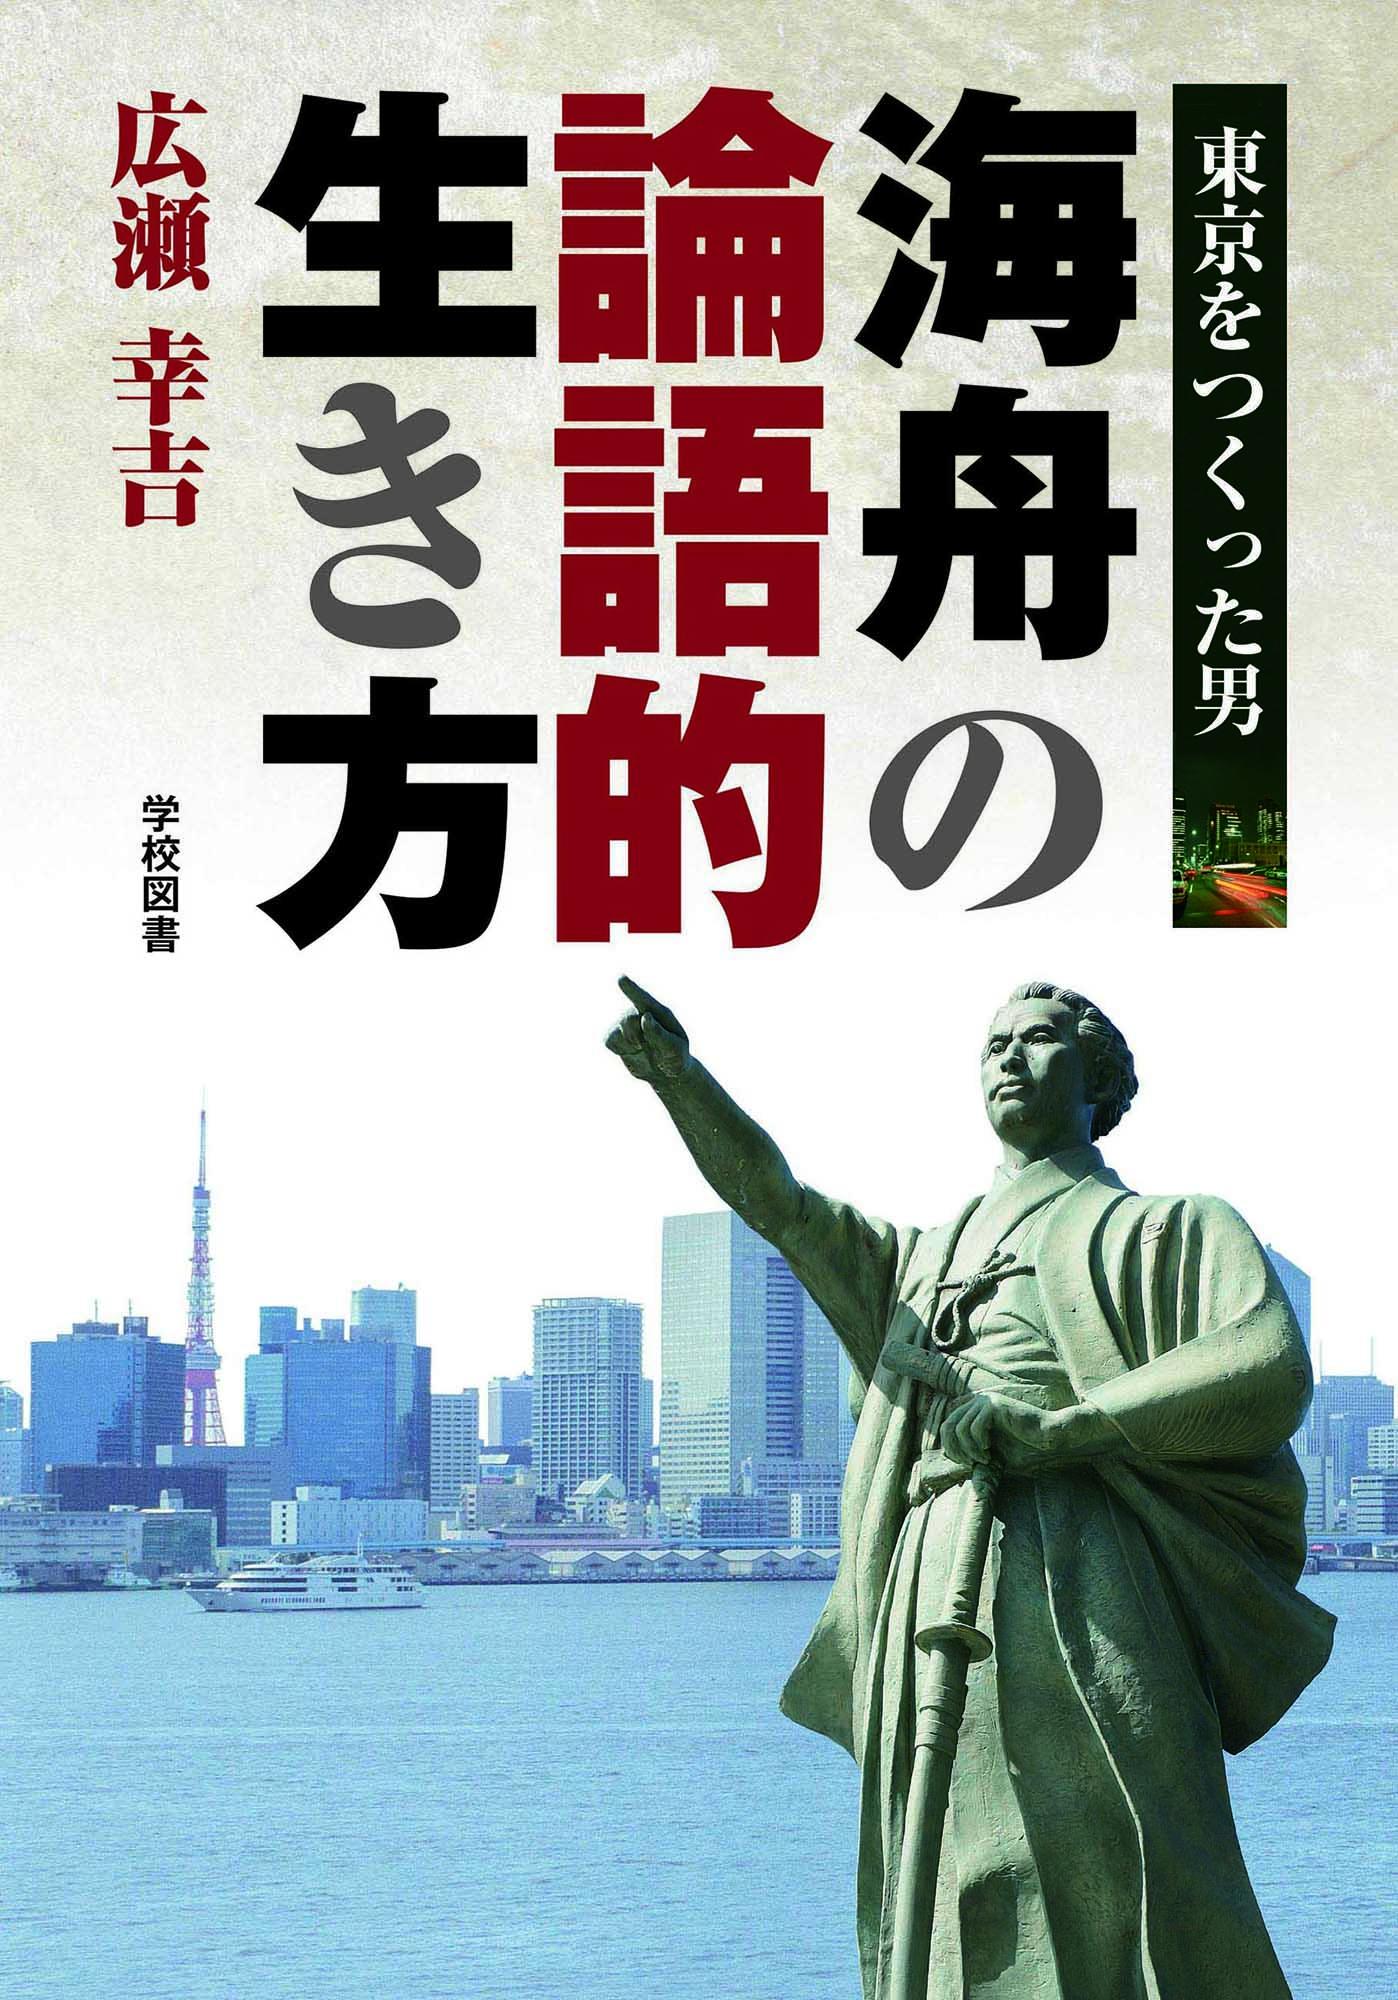 東京をつくった男 海舟の論語的生き方